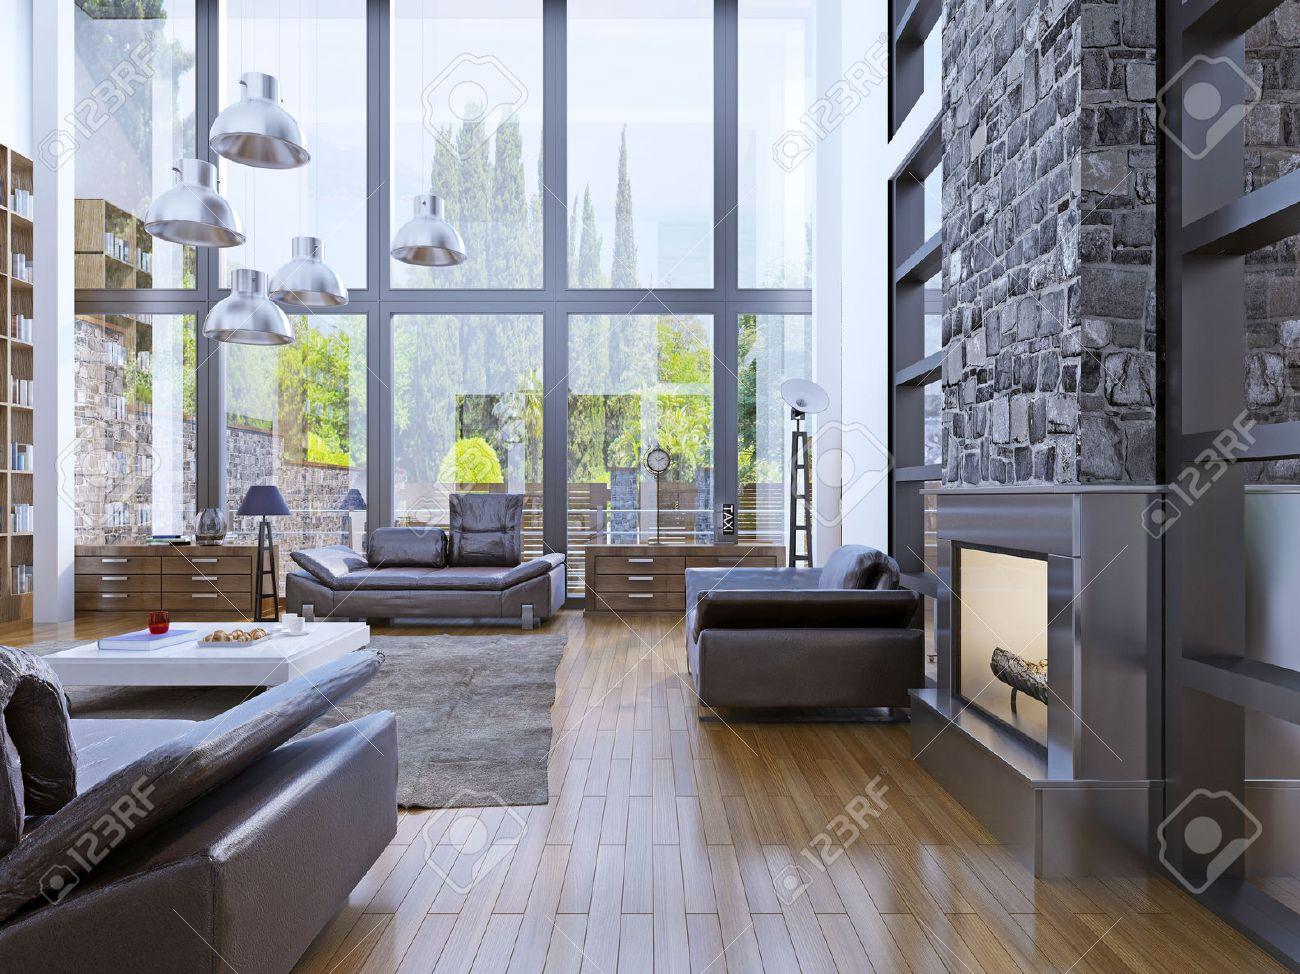 Interior design wohnzimmer  Loft-Wohnung Interior Design Mit Panoramafenster. Wohnzimmer Mit ...